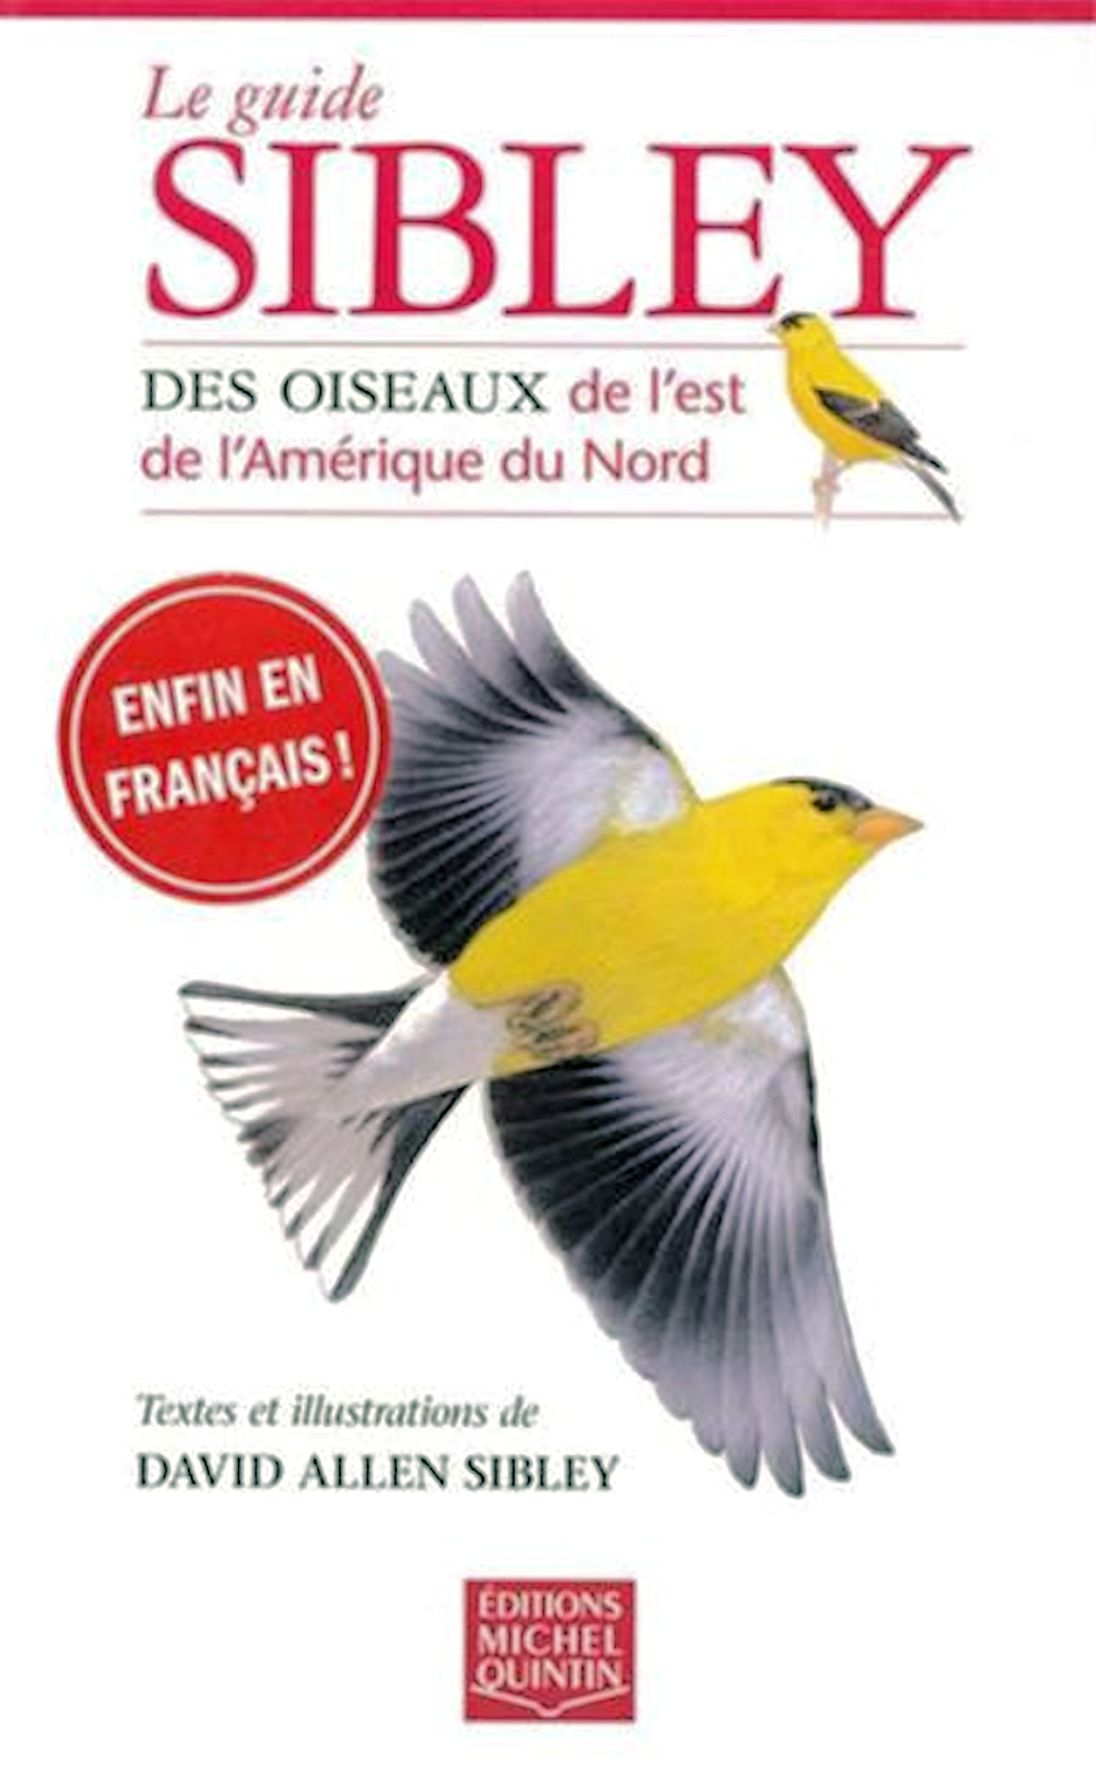 le Guide Sybley des oiseauxde l'est de l'Amérique du nord.jpg